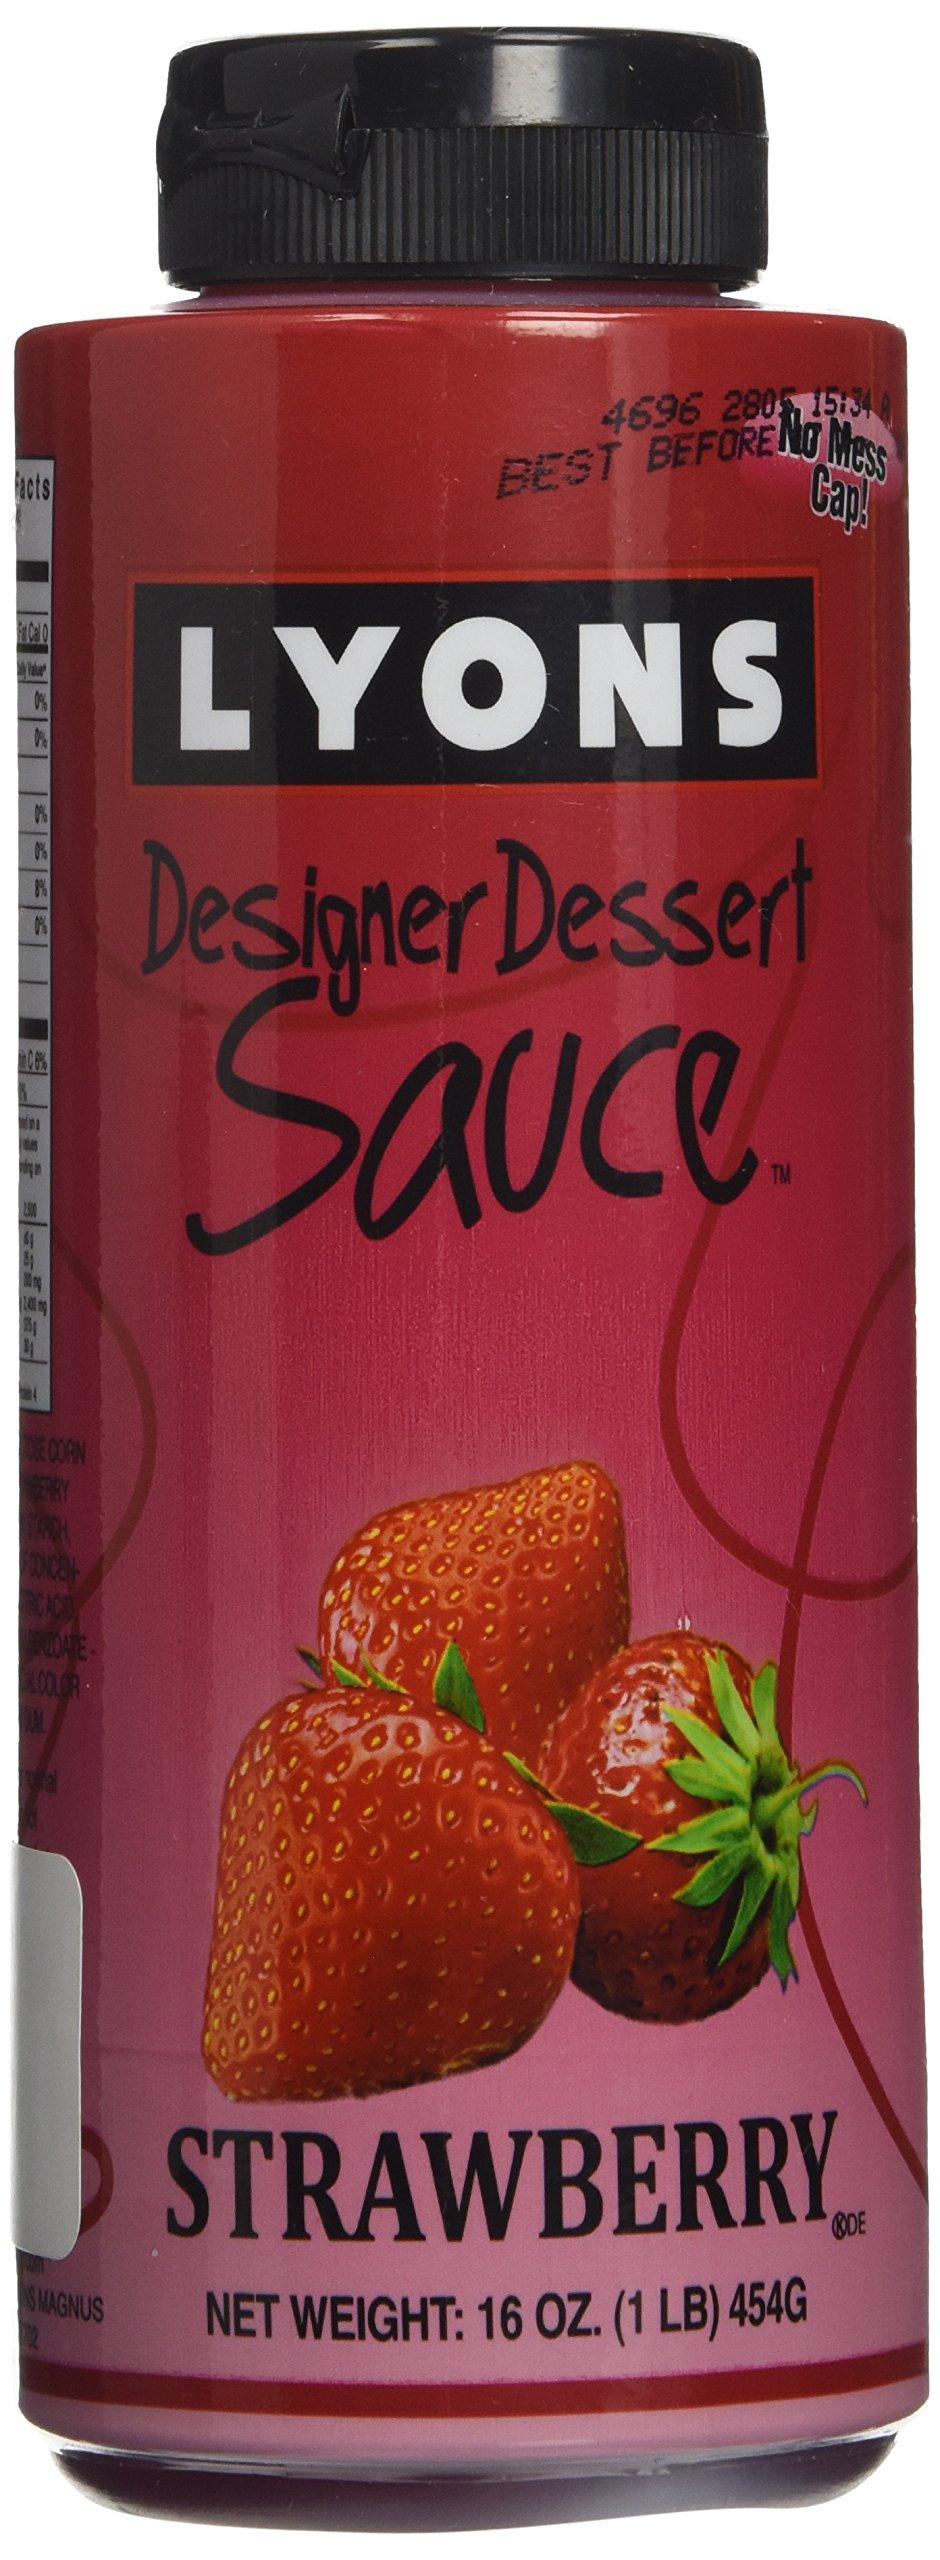 Lyons Designer Dessert Sauce, Strawberry, 16 Ounce Bottle